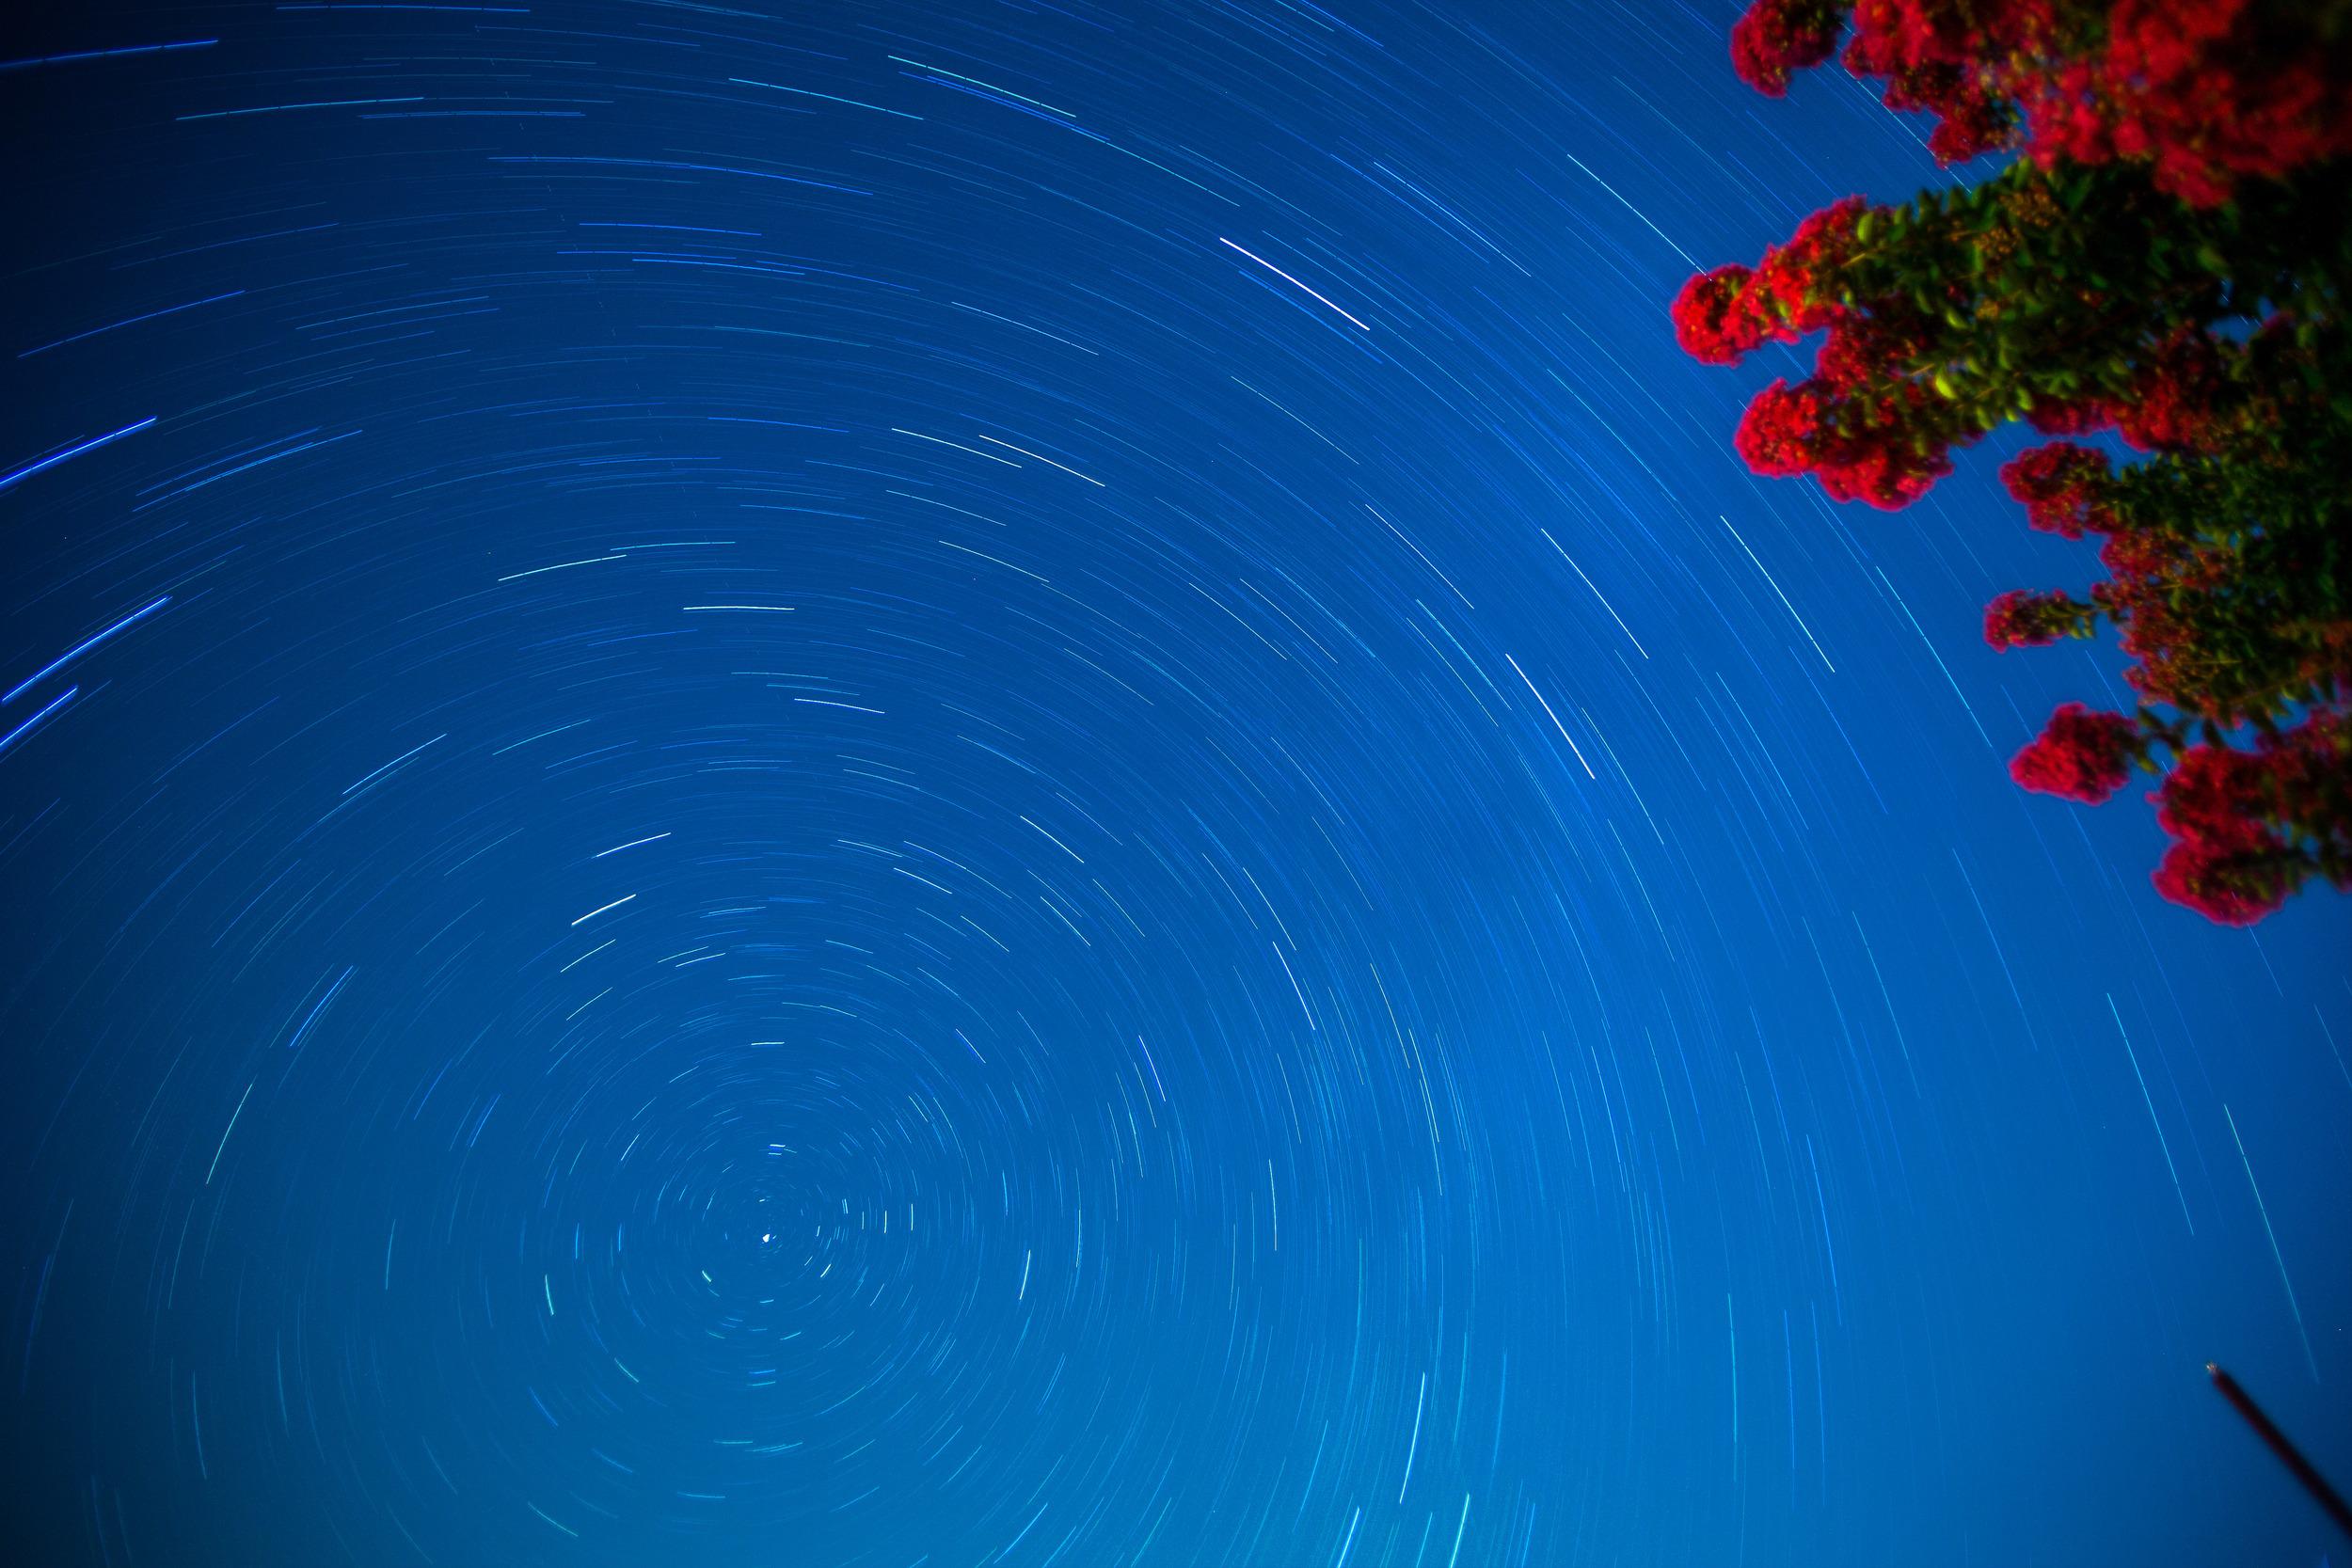 oc star trails.jpg